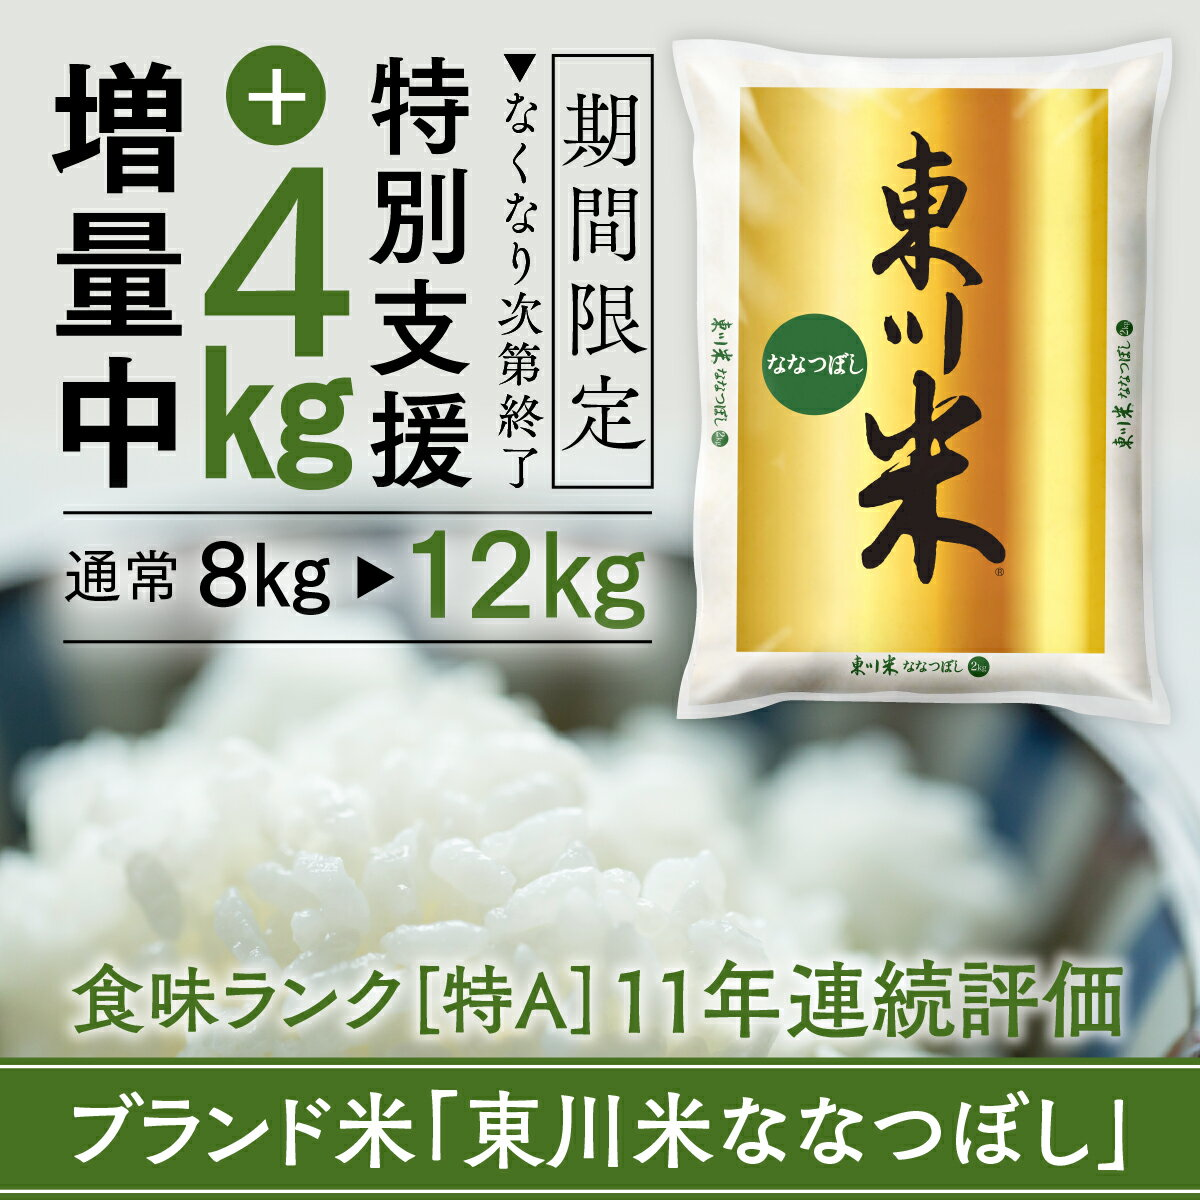 数量限定特別支援[特A]ブランド米『白米』東川米「ななつぼし」12kg